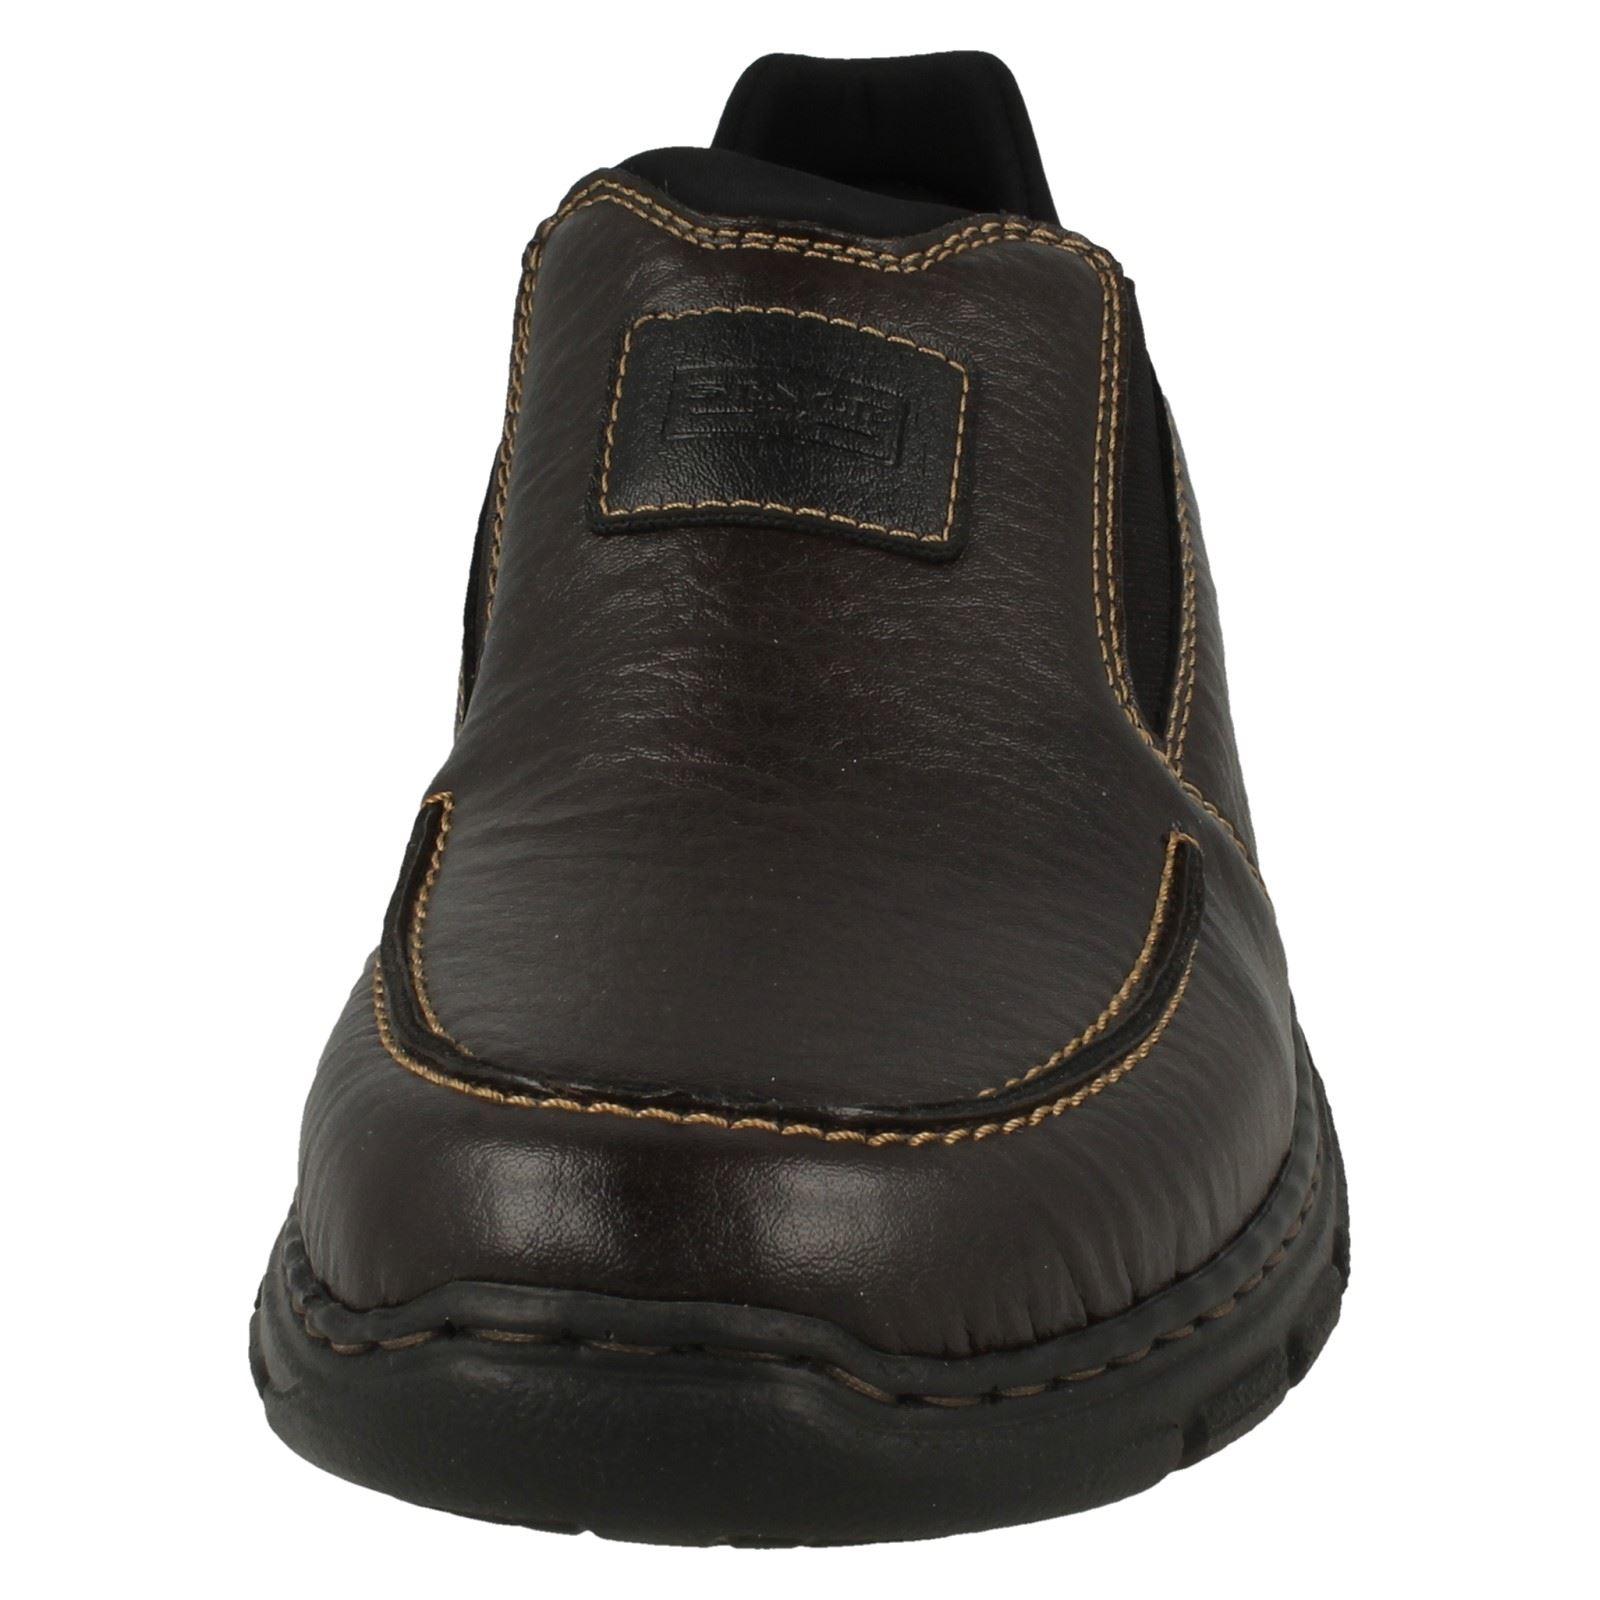 Uomo Rieker Casual Schuhes Schuhes Casual 19961 62de16